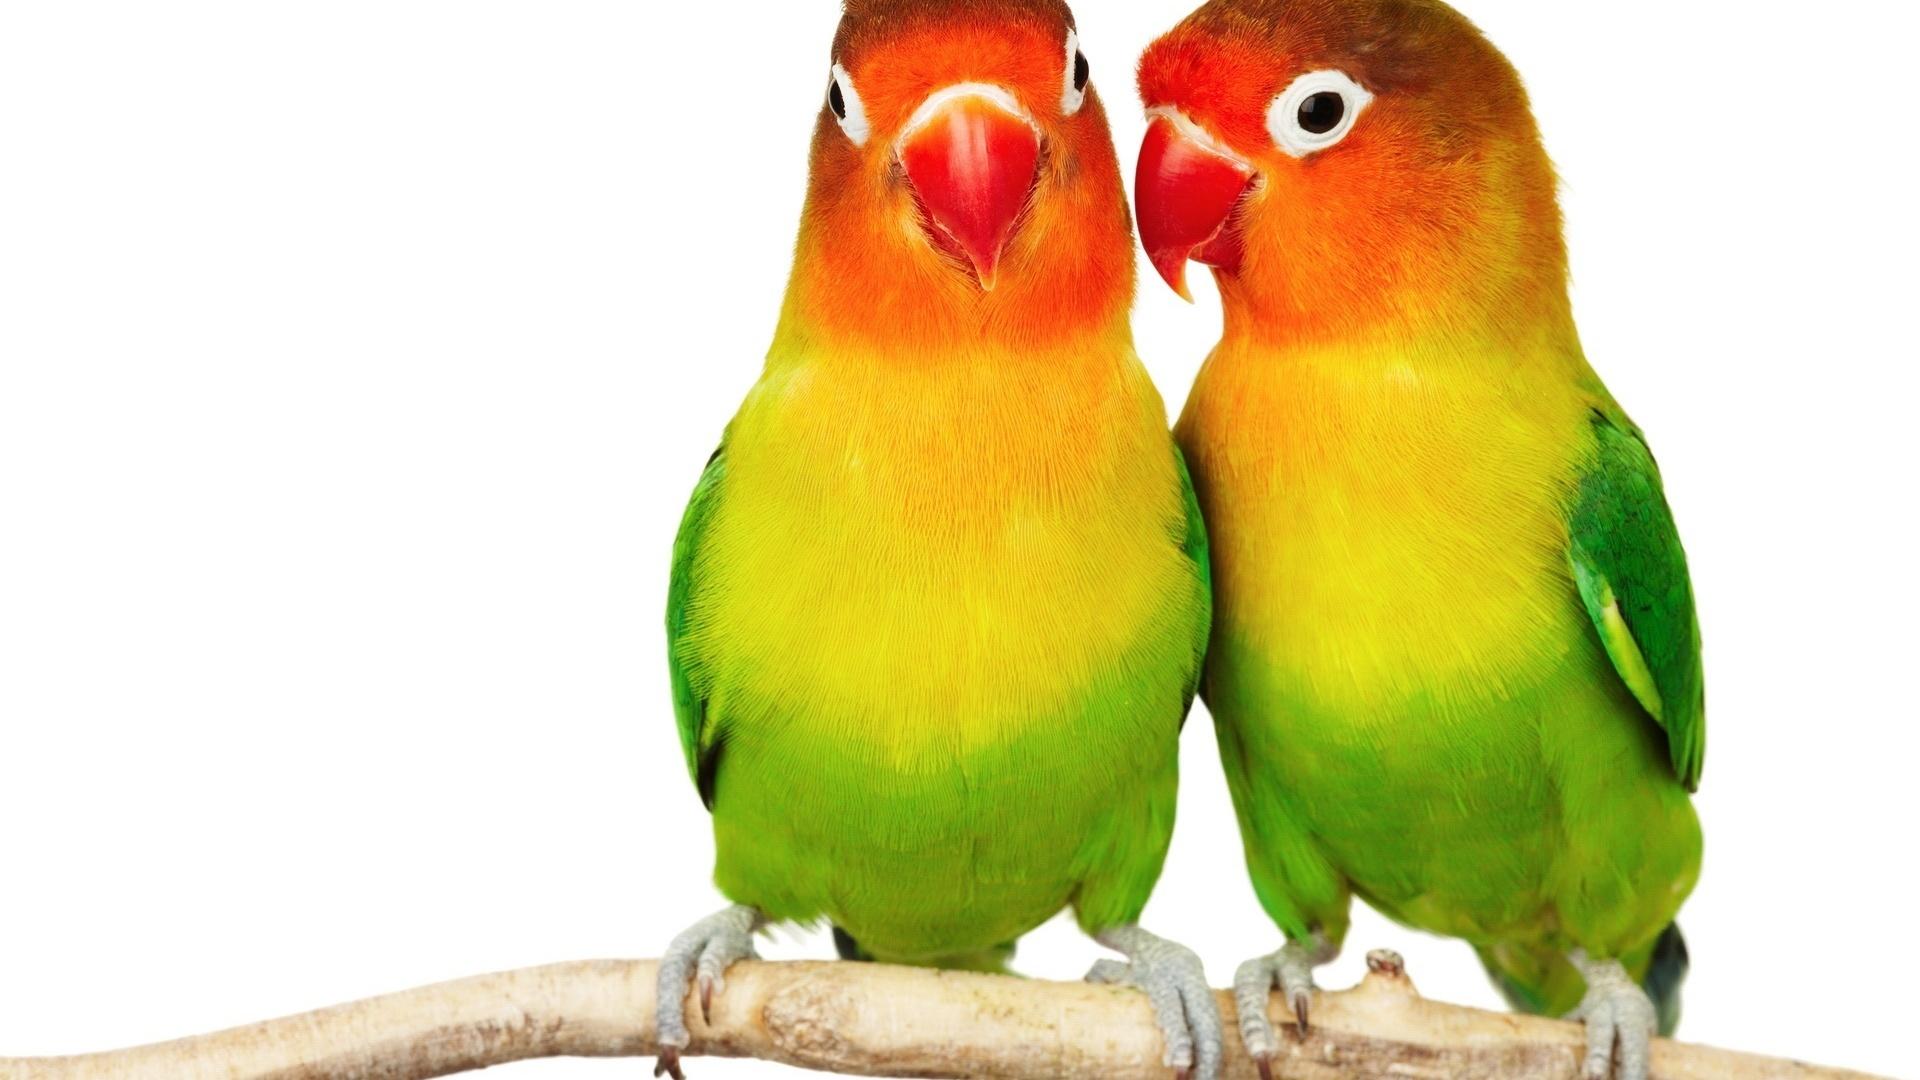 попугайчики, разноцветные, сидят на веточке